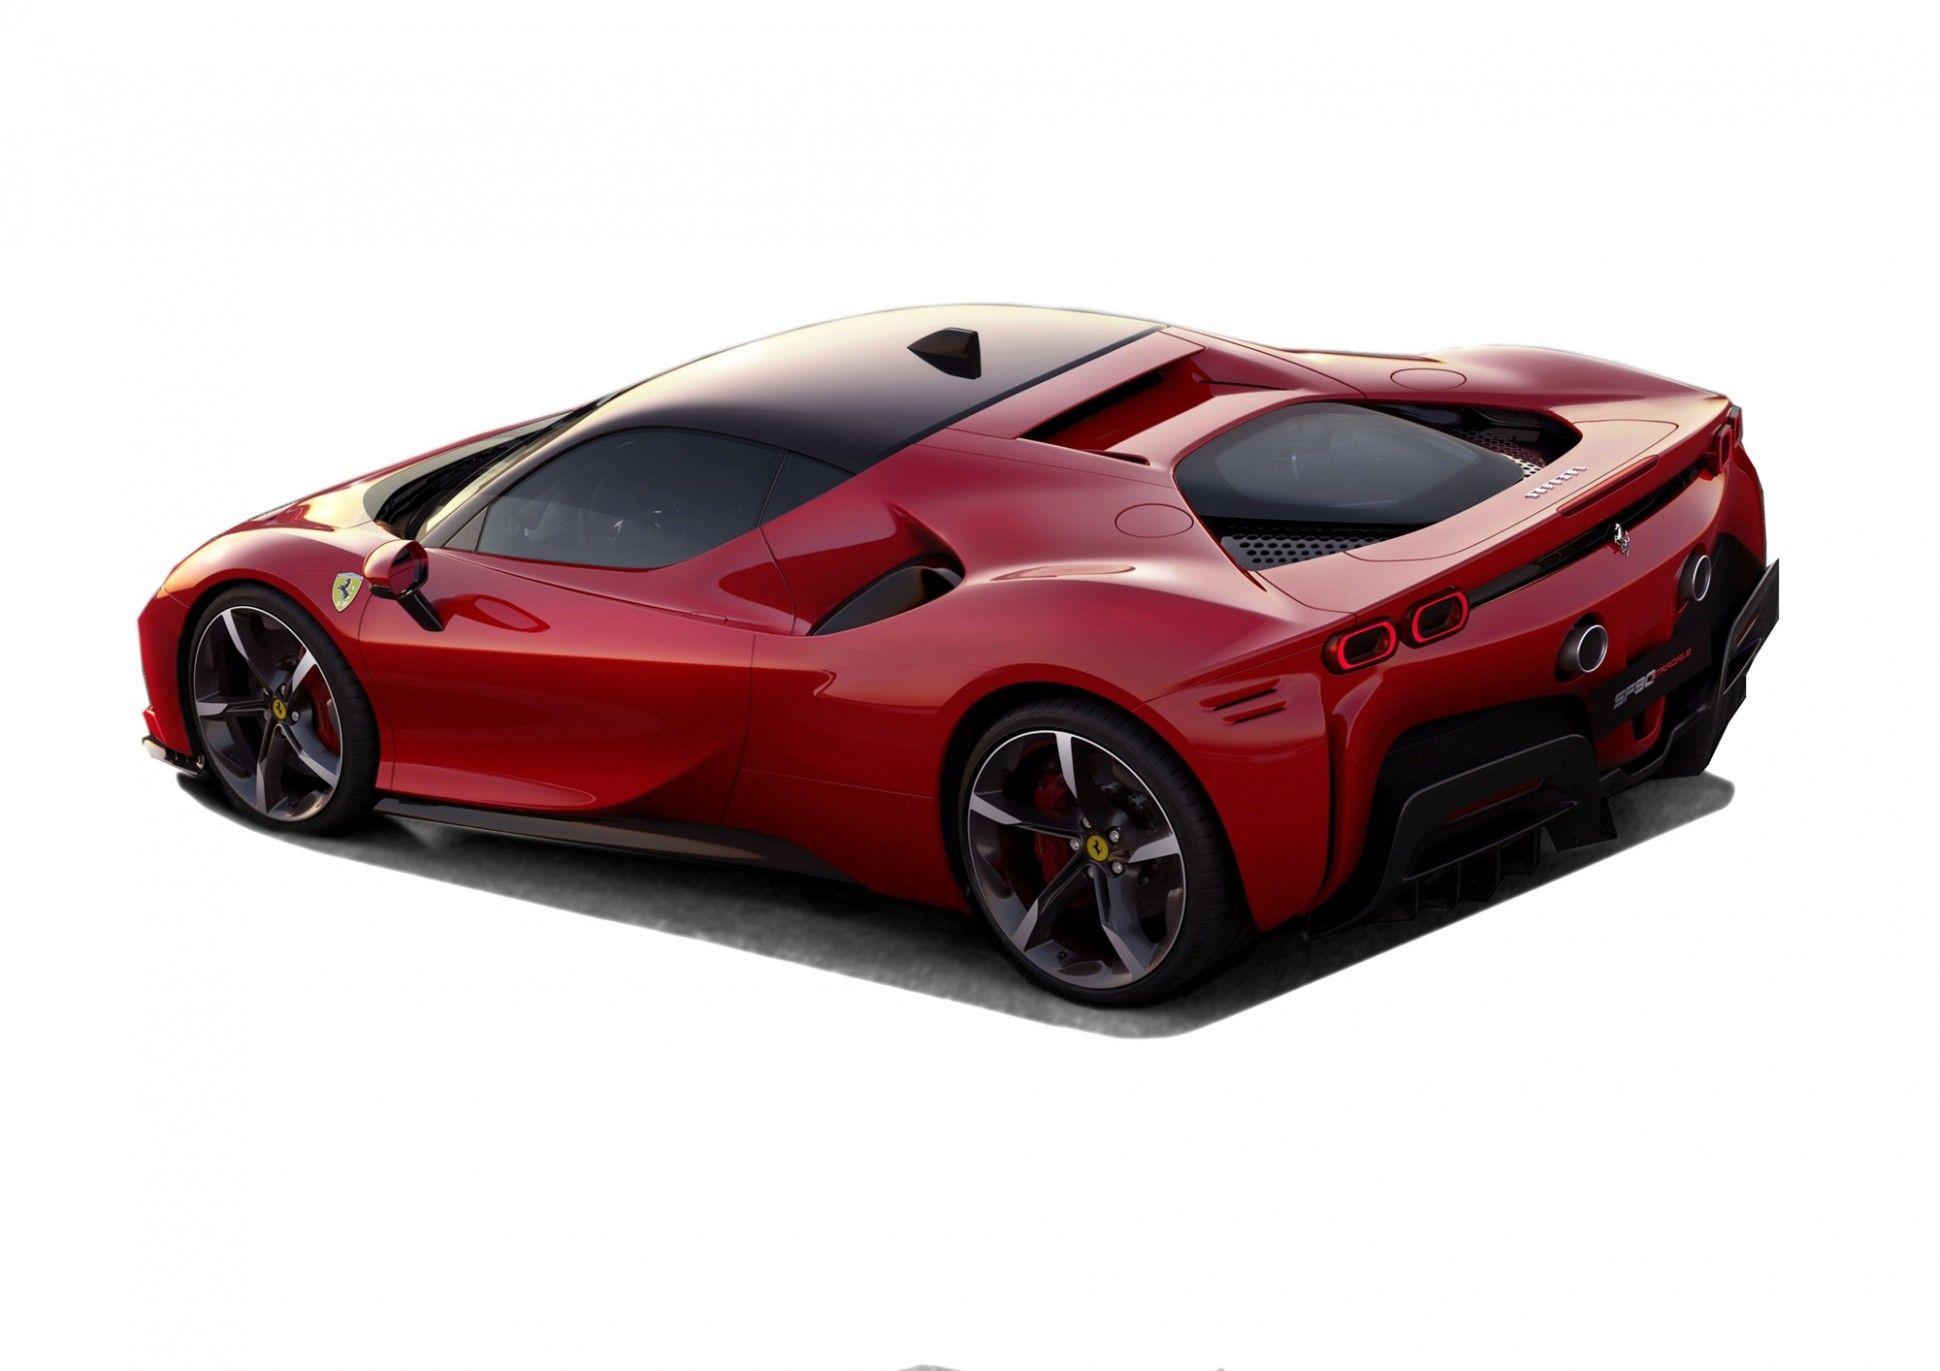 Ferrari Price In Pakistan 2020 Images Ferrari Price Best New Cars Ferrari